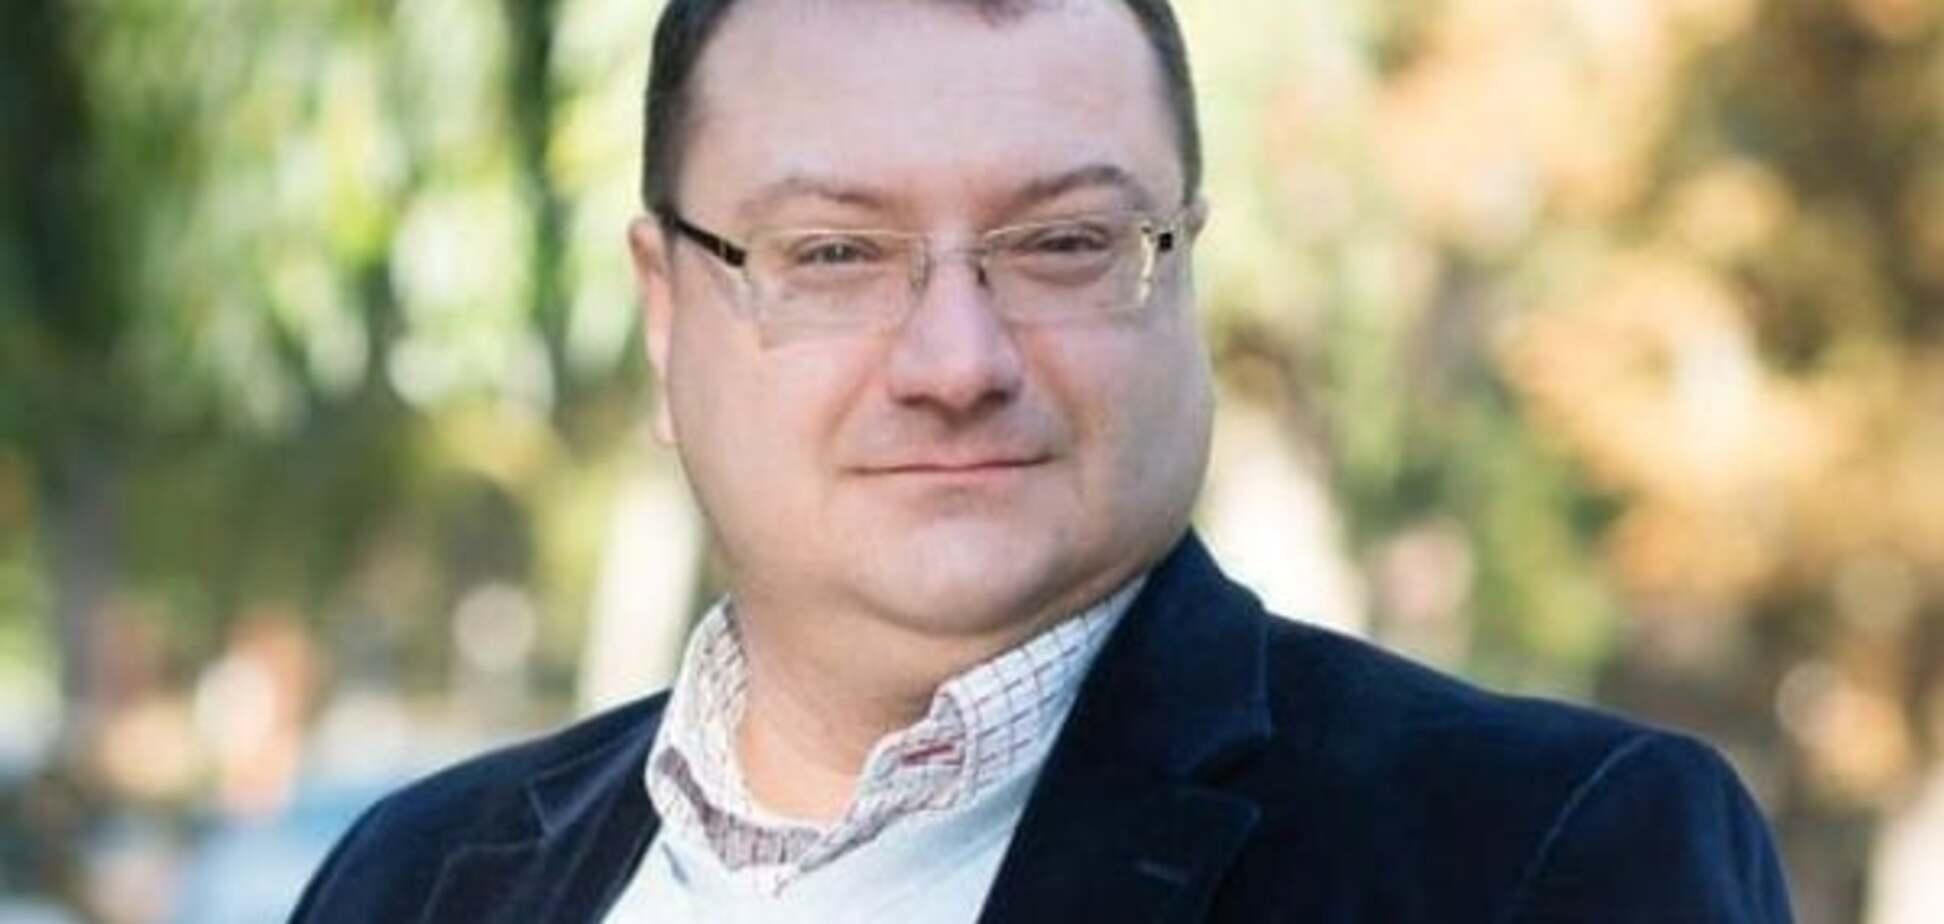 Вбивство адвоката Грабовського: підозрювані визнали свою провину